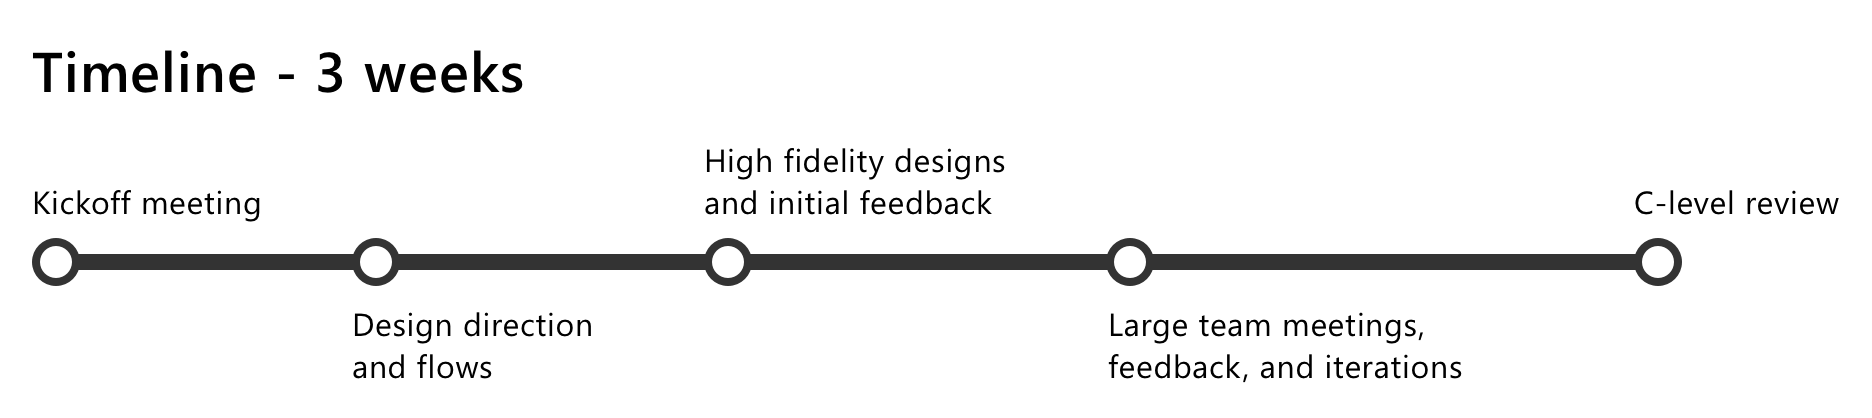 QCC Timeline.png